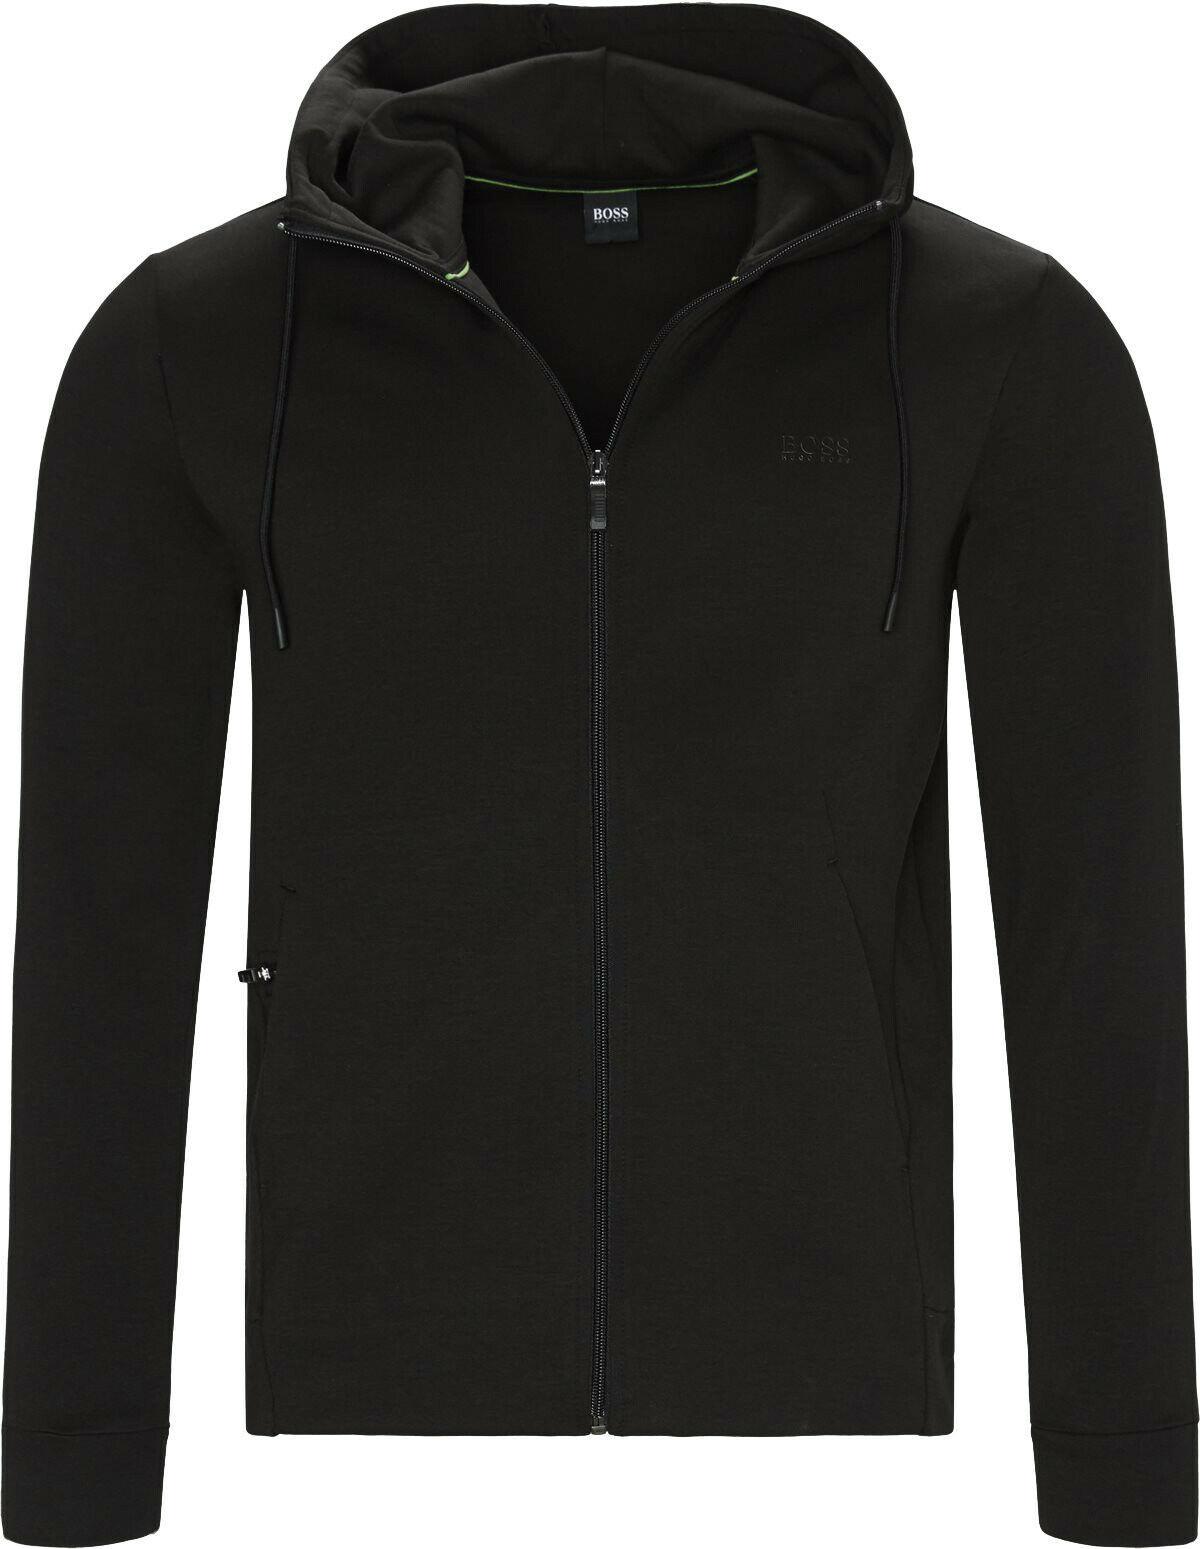 Hugo Boss Men's Sweater Zip Up Hoodie Sweatshirt Track Jacket Black